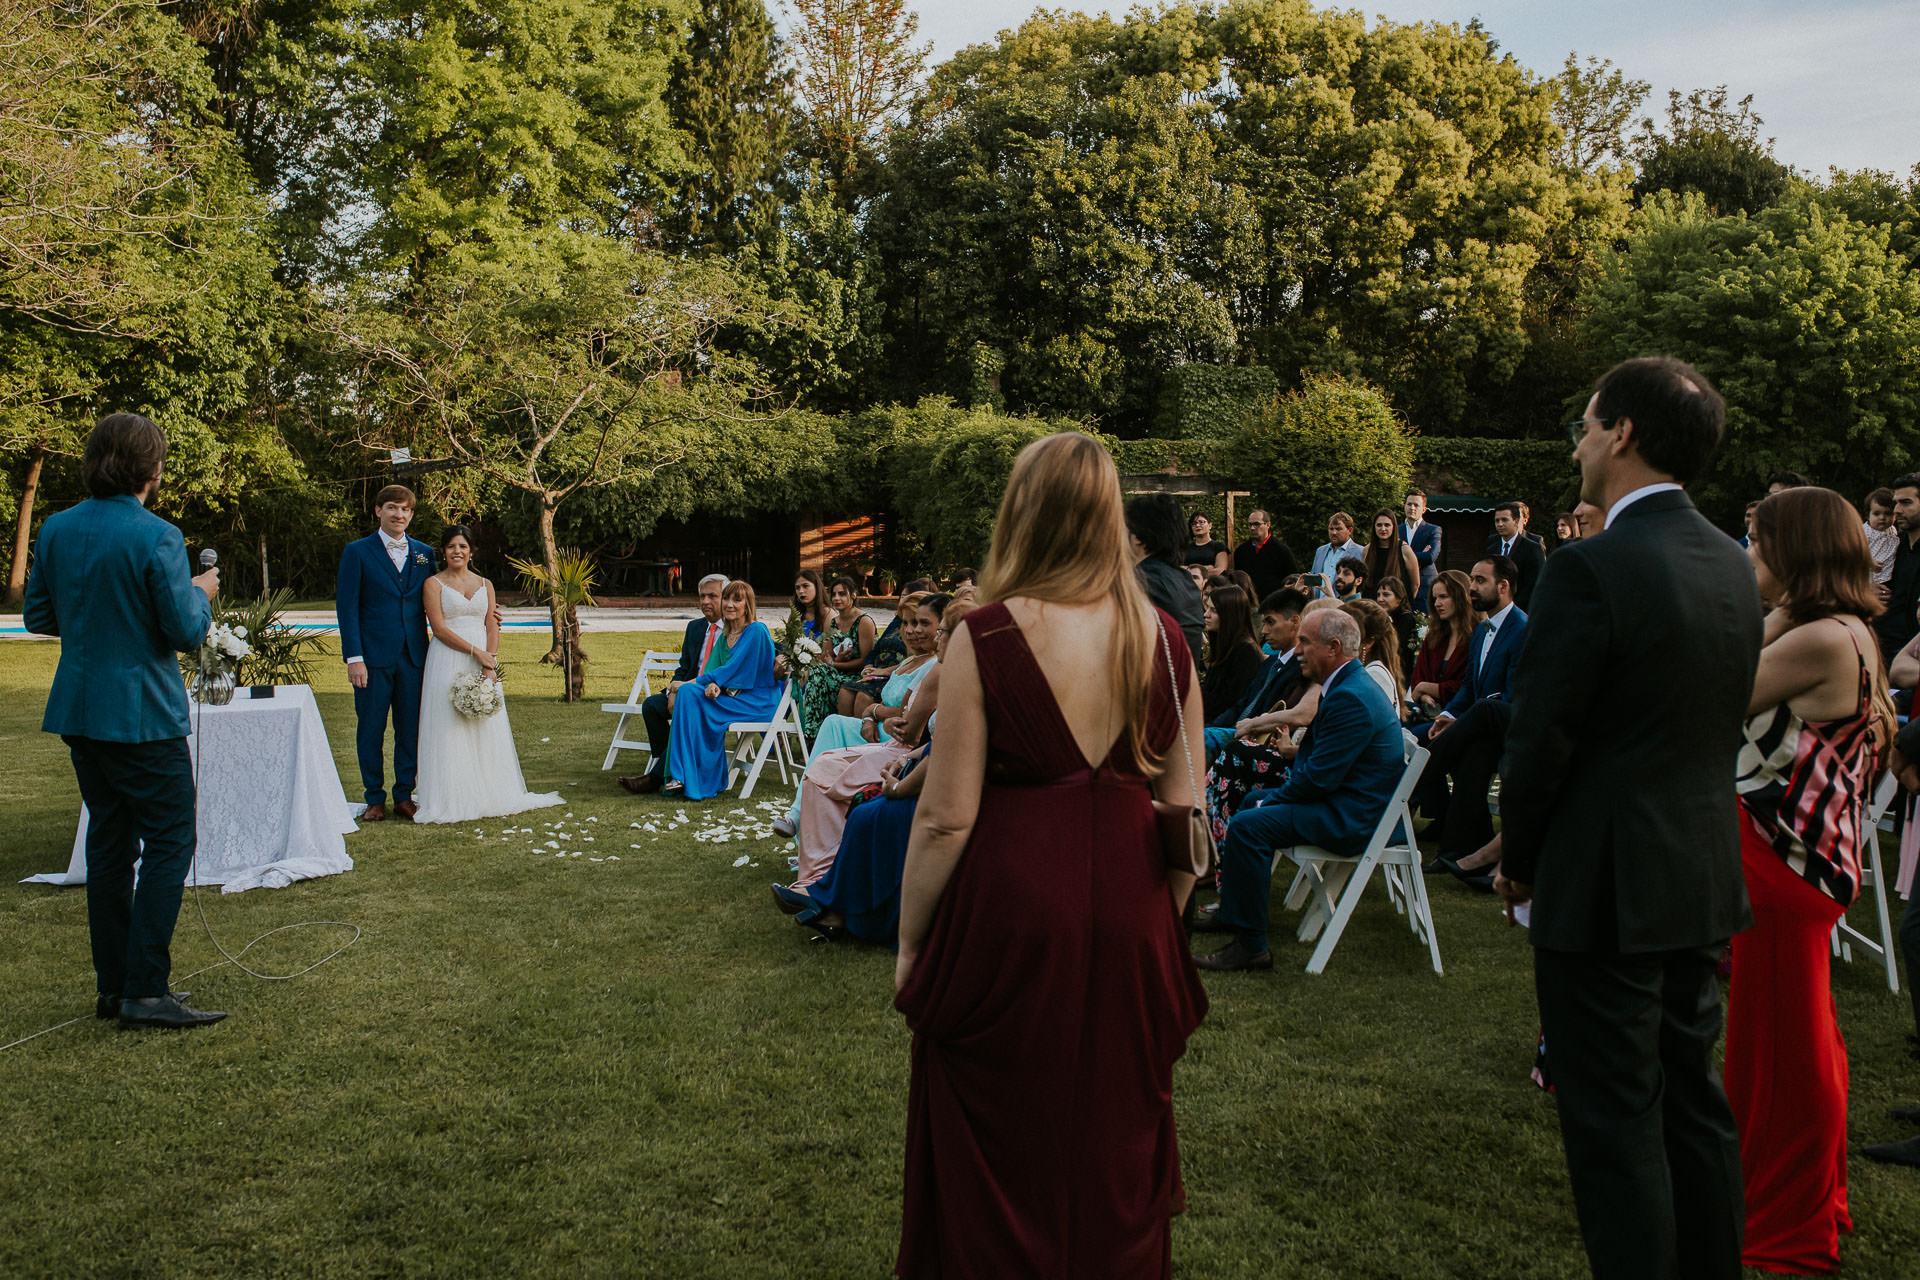 Ceremonia -Boda en Estancia La Linda, fotógrafo de bodas - Norman Parunov